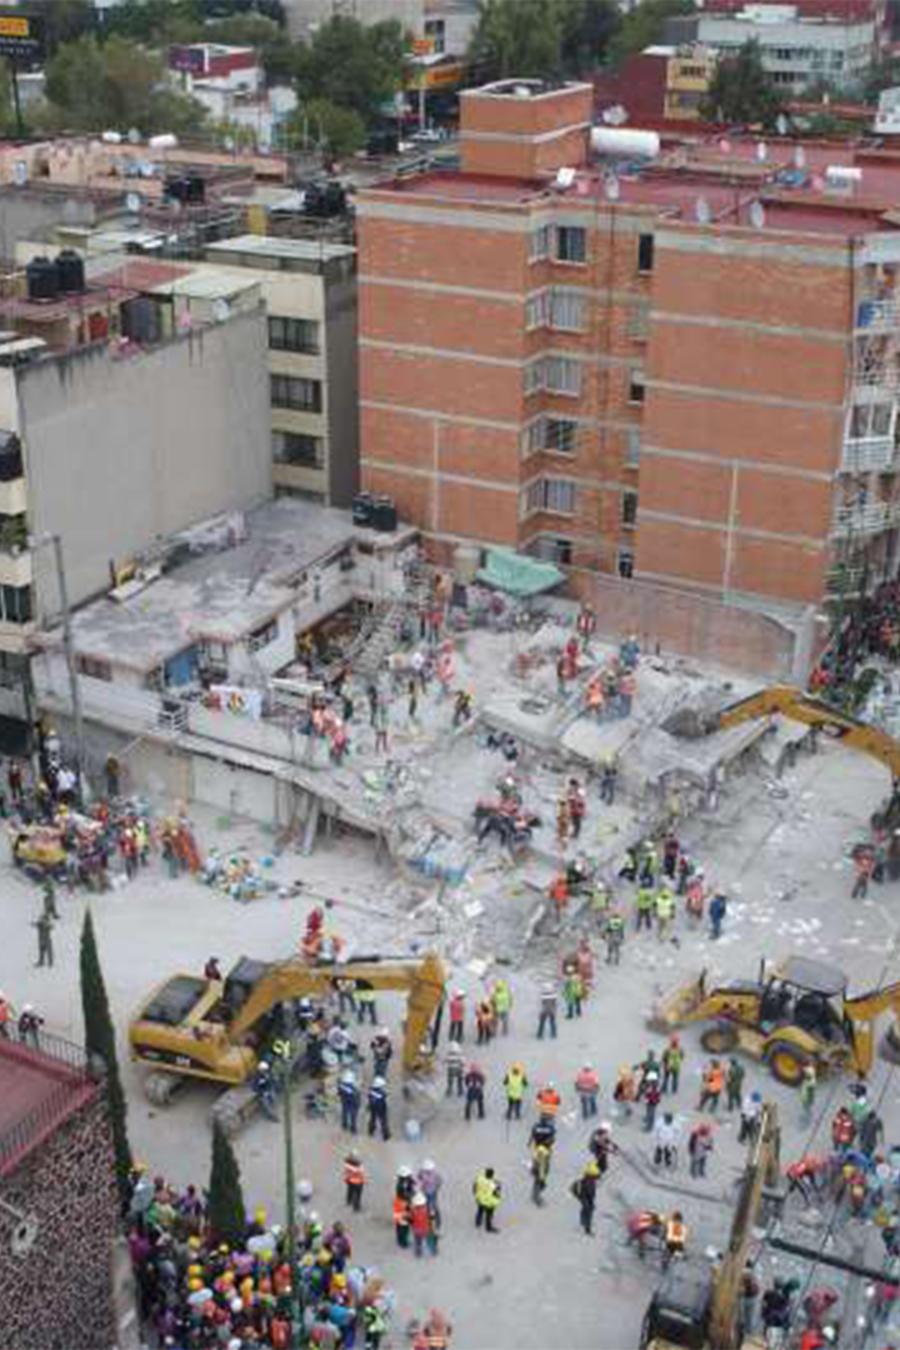 Uno de los edificios derrumbados a causa del terremoto de magnitud 7,1 que azotó a México en septiembre.